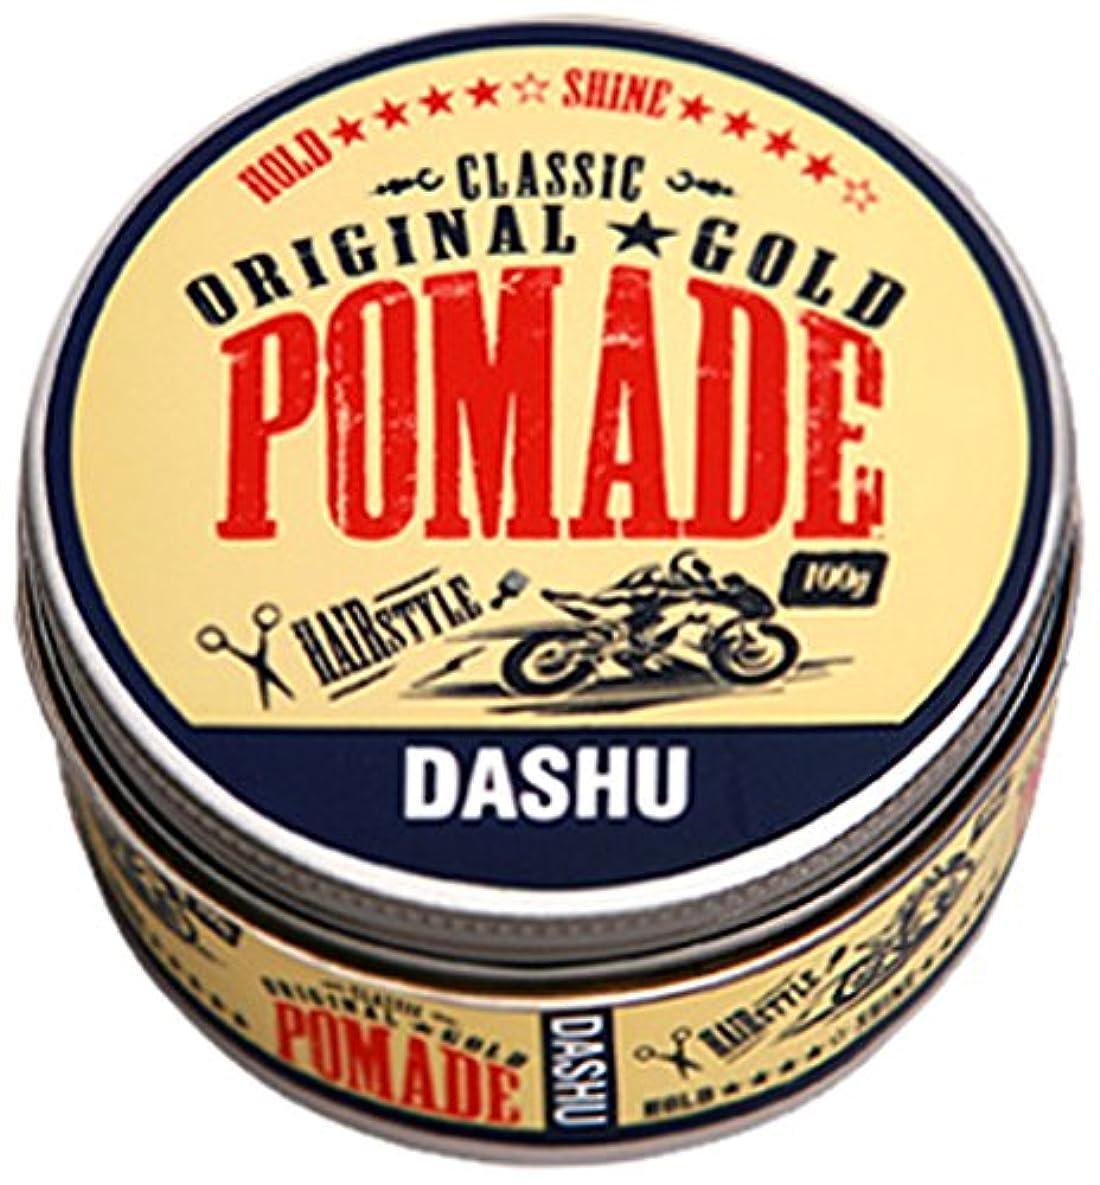 地理暴露褐色[DASHU] ダシュ クラシックオリジナルゴールドポマードヘアワックス Classic Original Gold Pomade Hair Wax 100ml / 韓国製 . 韓国直送品